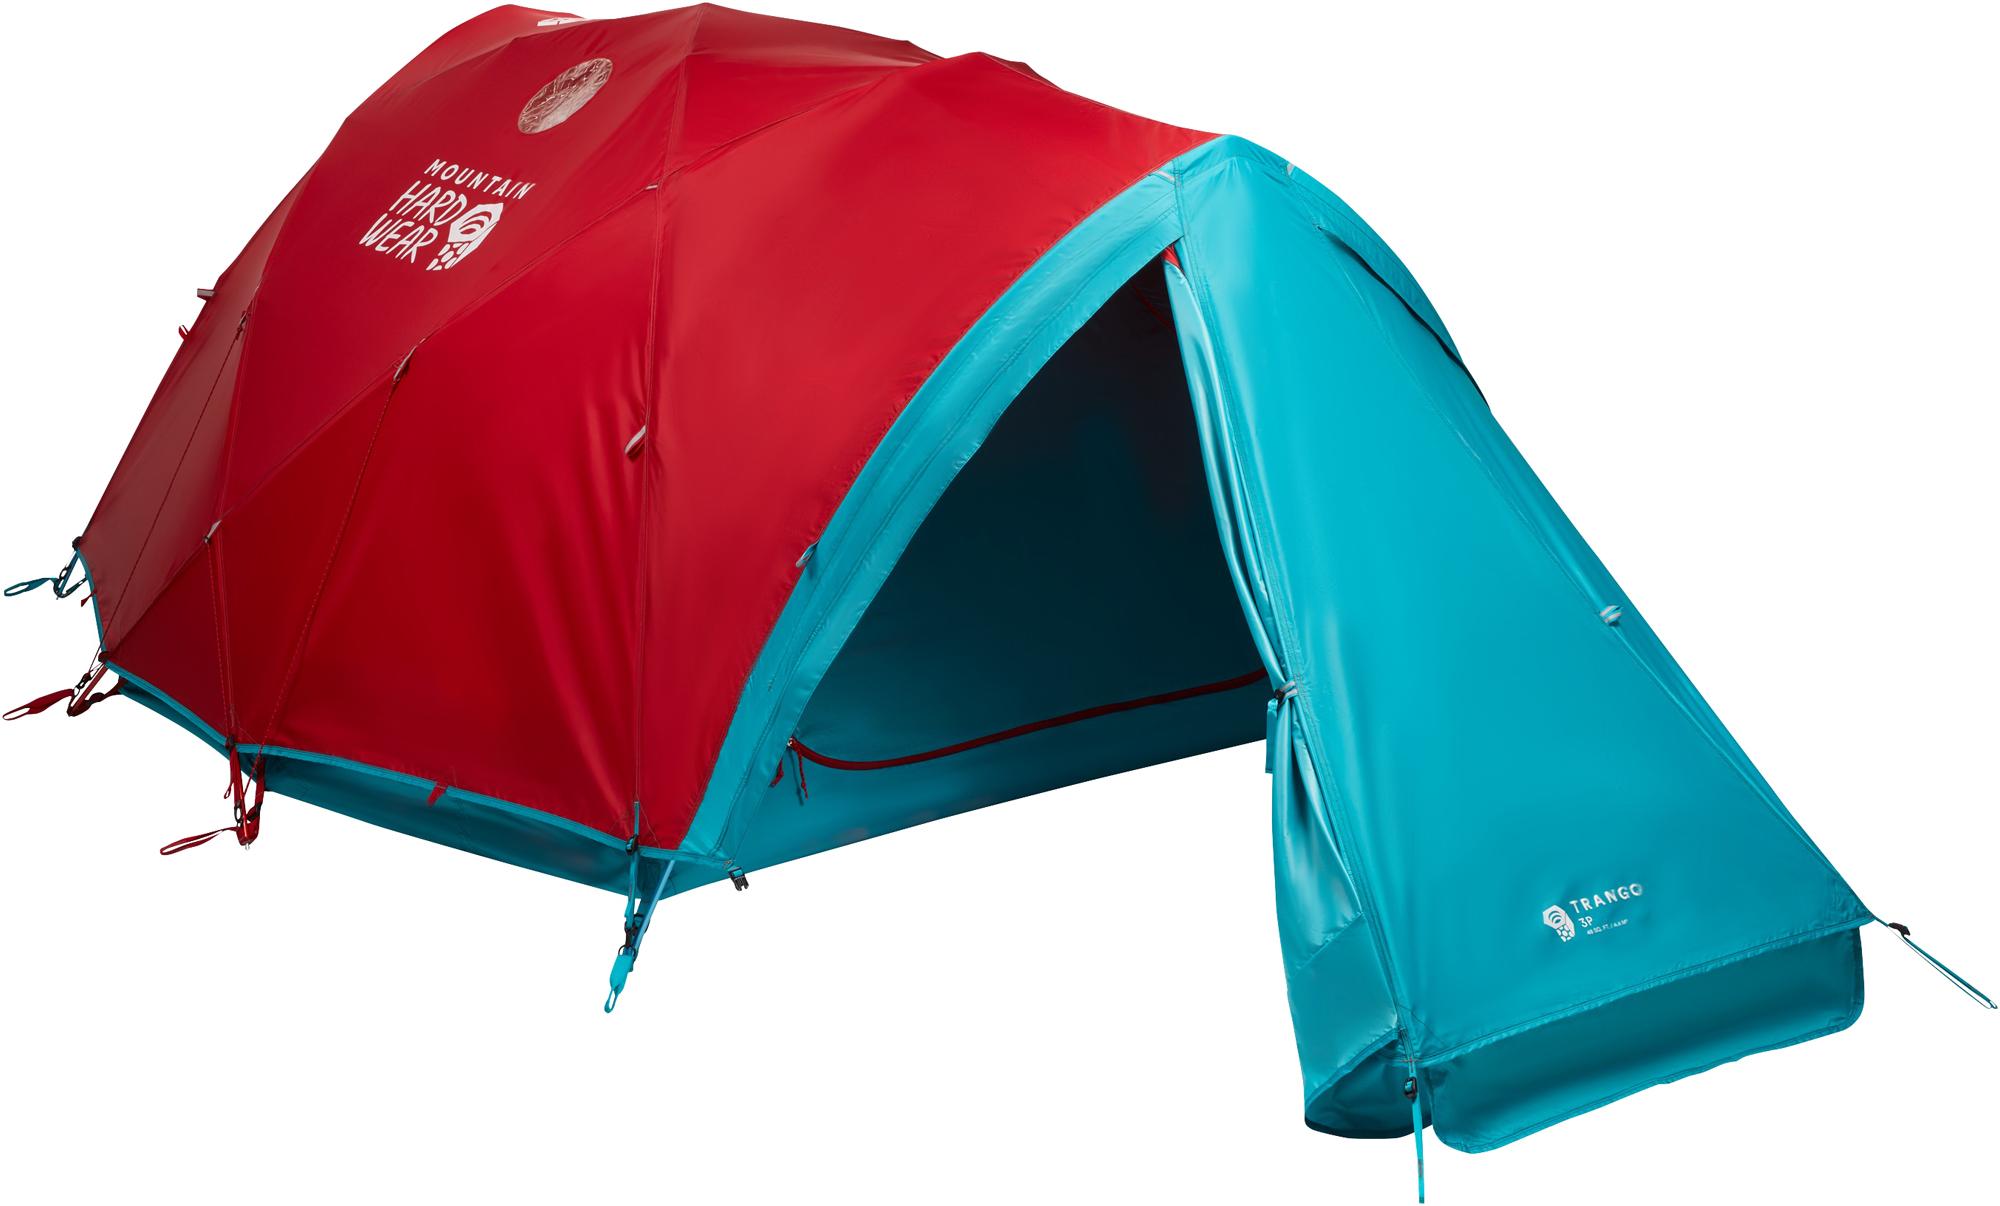 Mountain Hardwear Trango 3 Tent палатка быстросборная maverick wind трехместная зелёный с тиснением